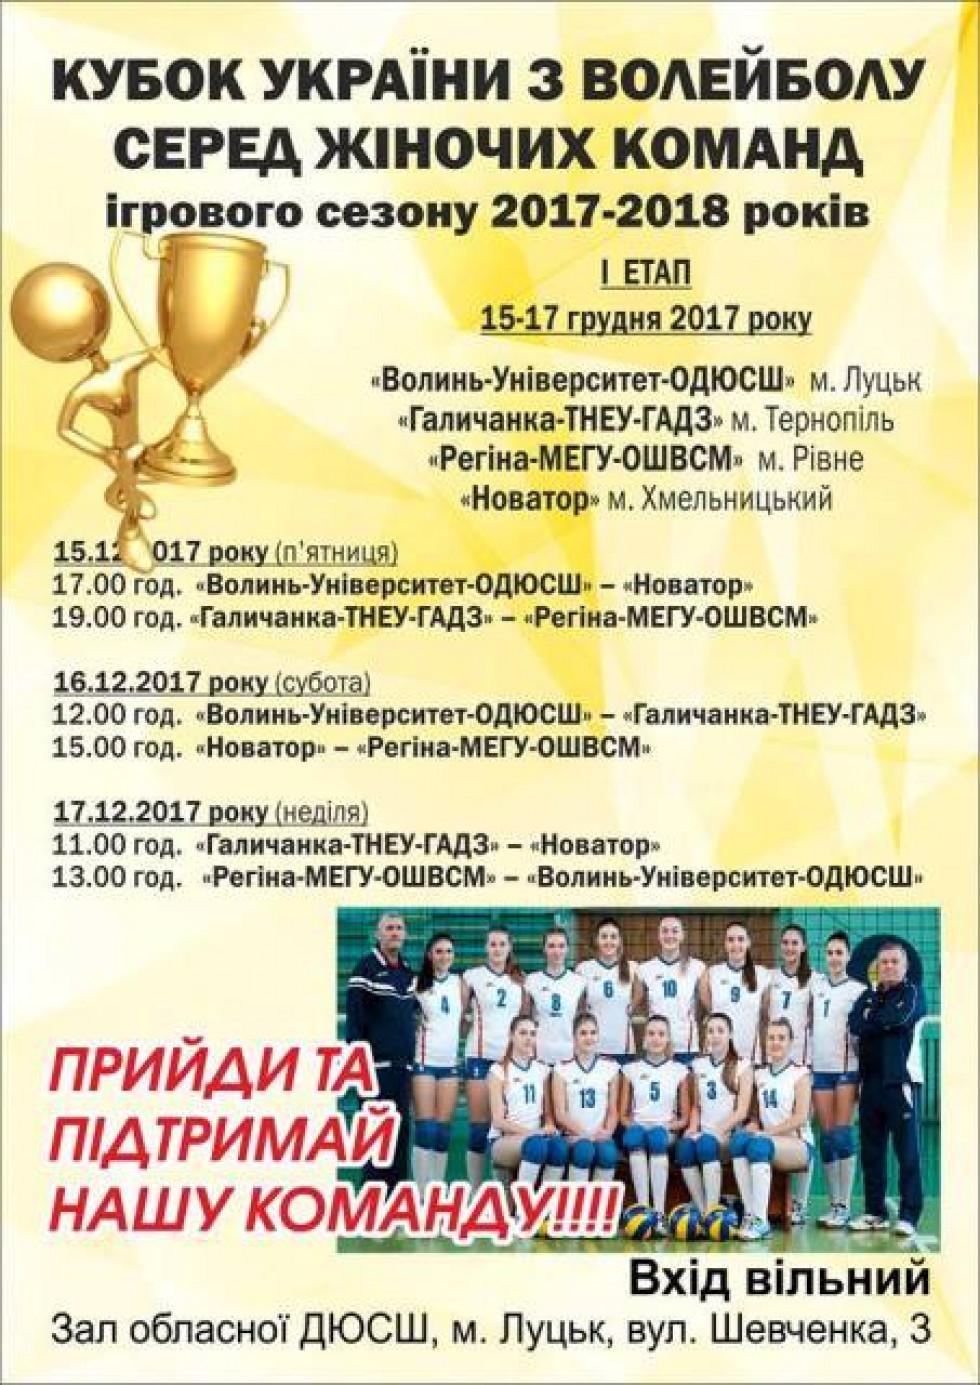 Розклад ігор першого етапу Кубка України з волейболу серед жінок